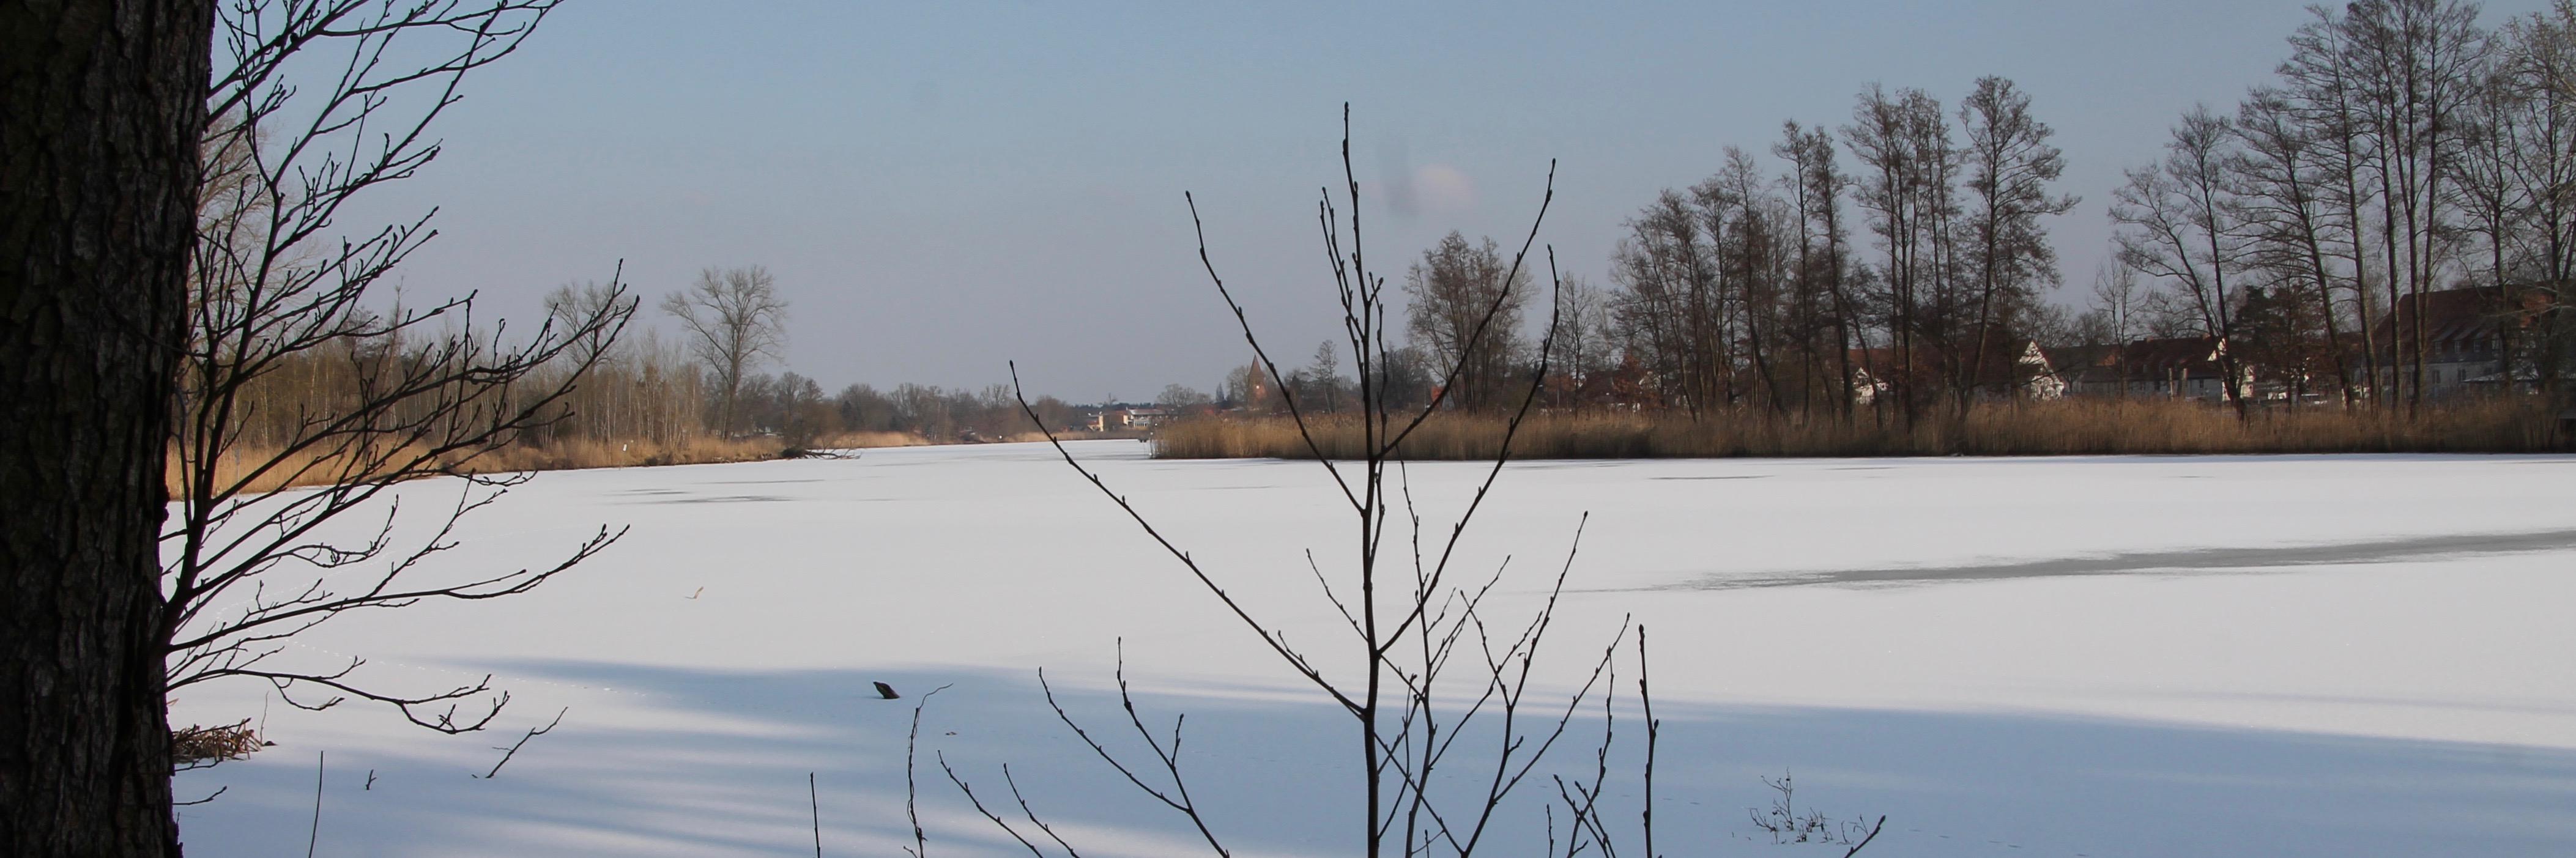 180301 Klietz Winter 19392